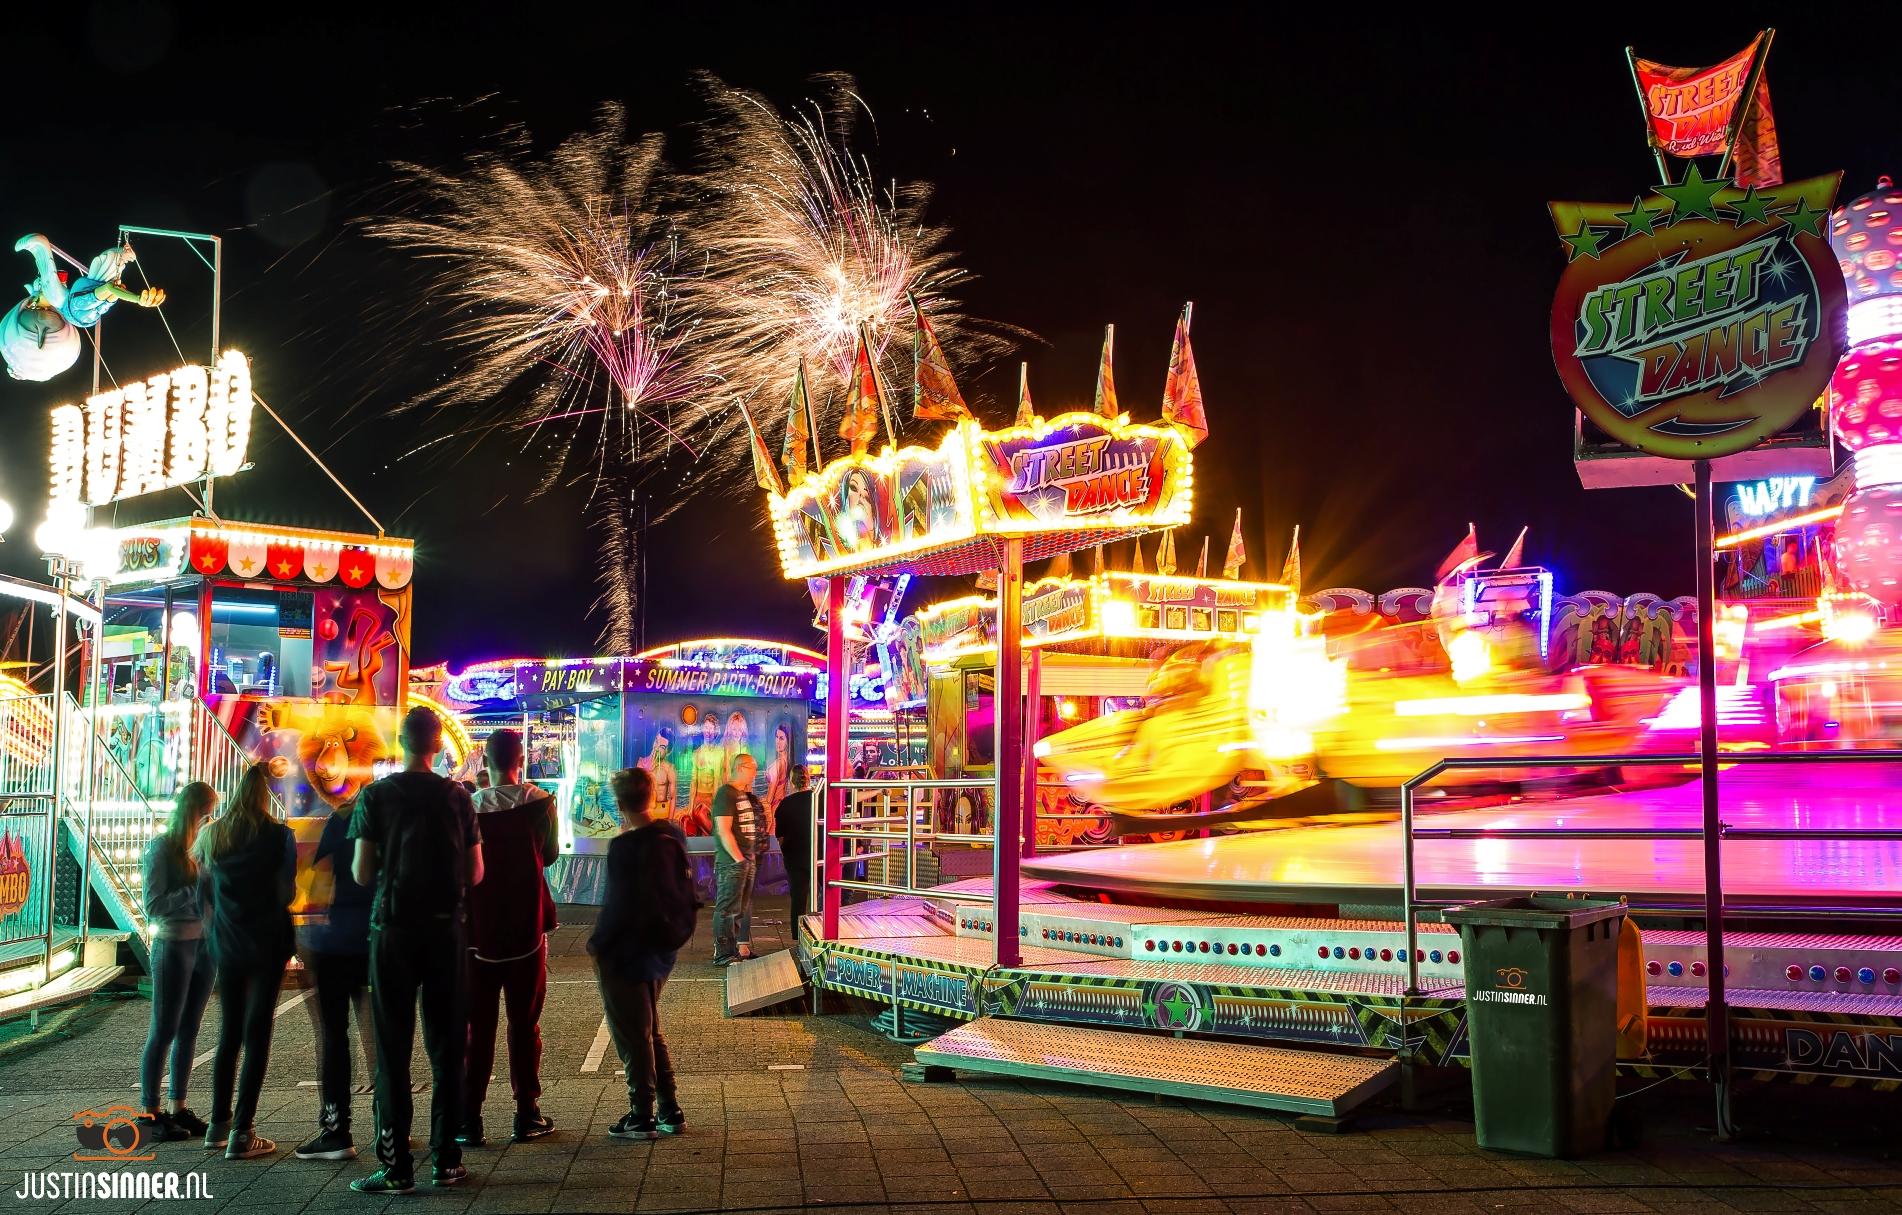 Kermis in de Koog op Texel. Fair, de Koog, Texel. https://justinsinner.nl/ https://justinsinner.werkaandemuur.nl/nl